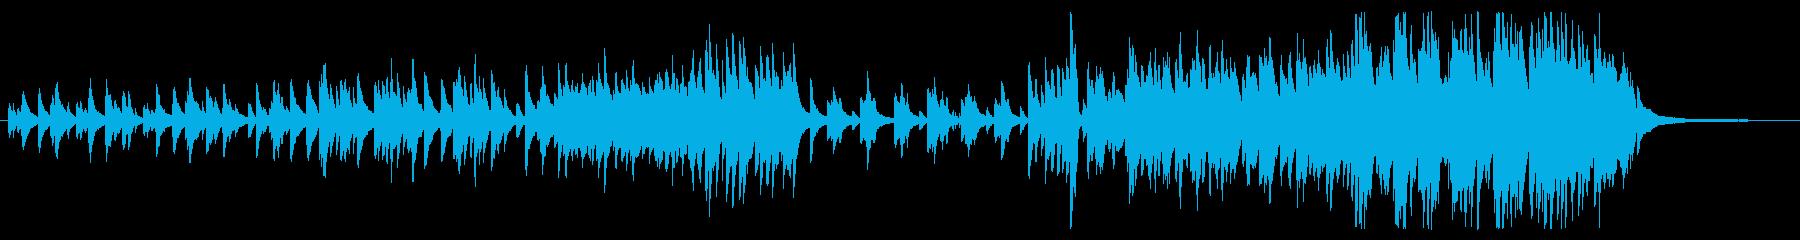 ピアノソロによるバラードの再生済みの波形